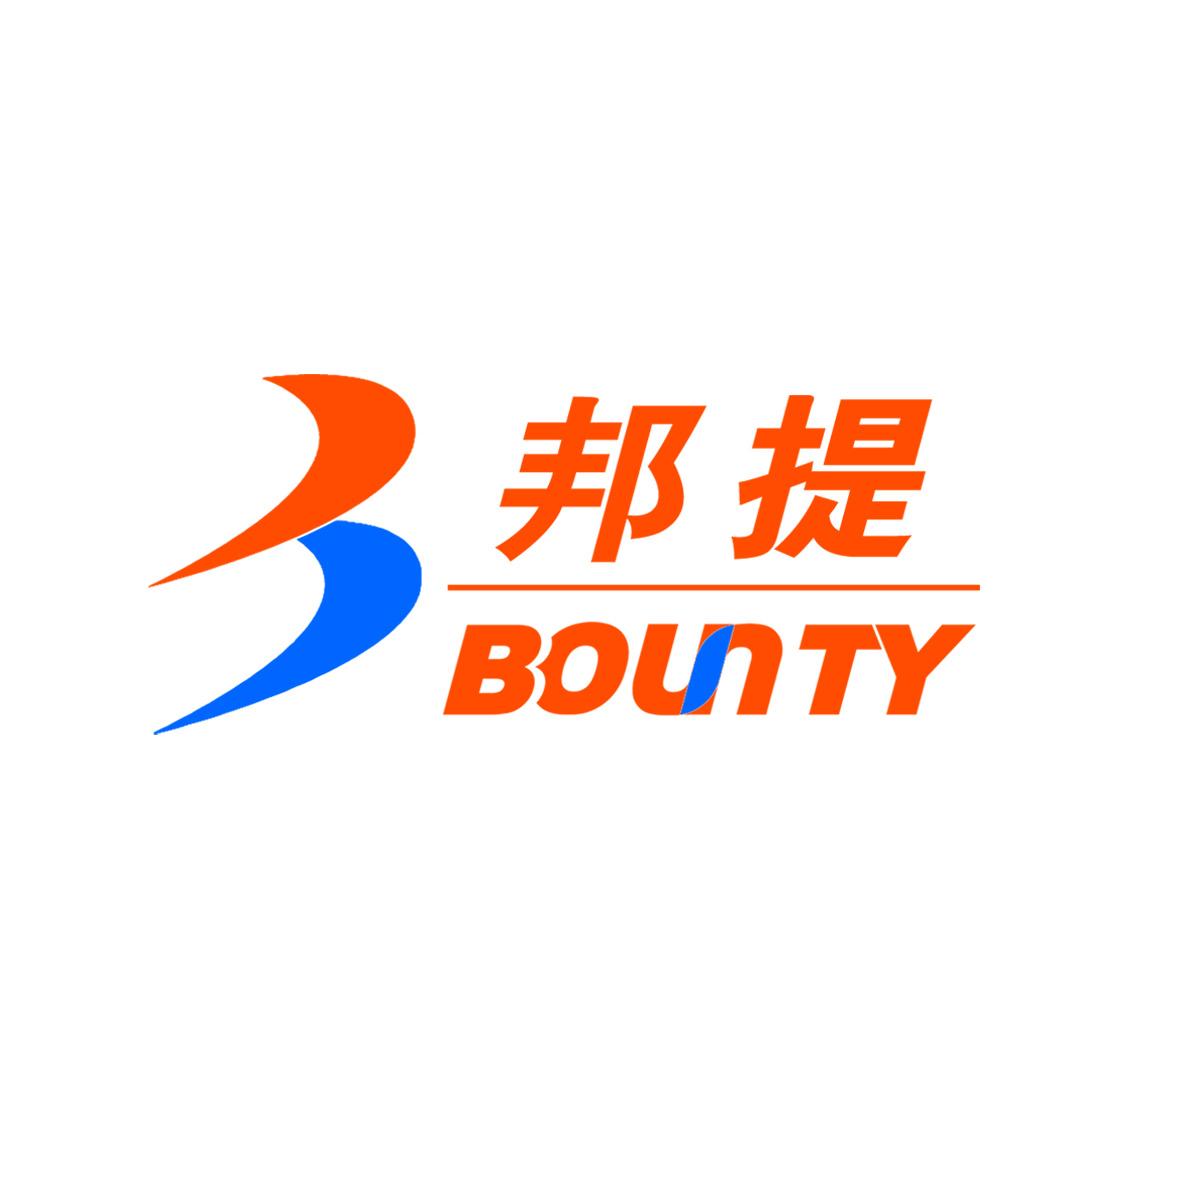 上海邦提工貿有限公司